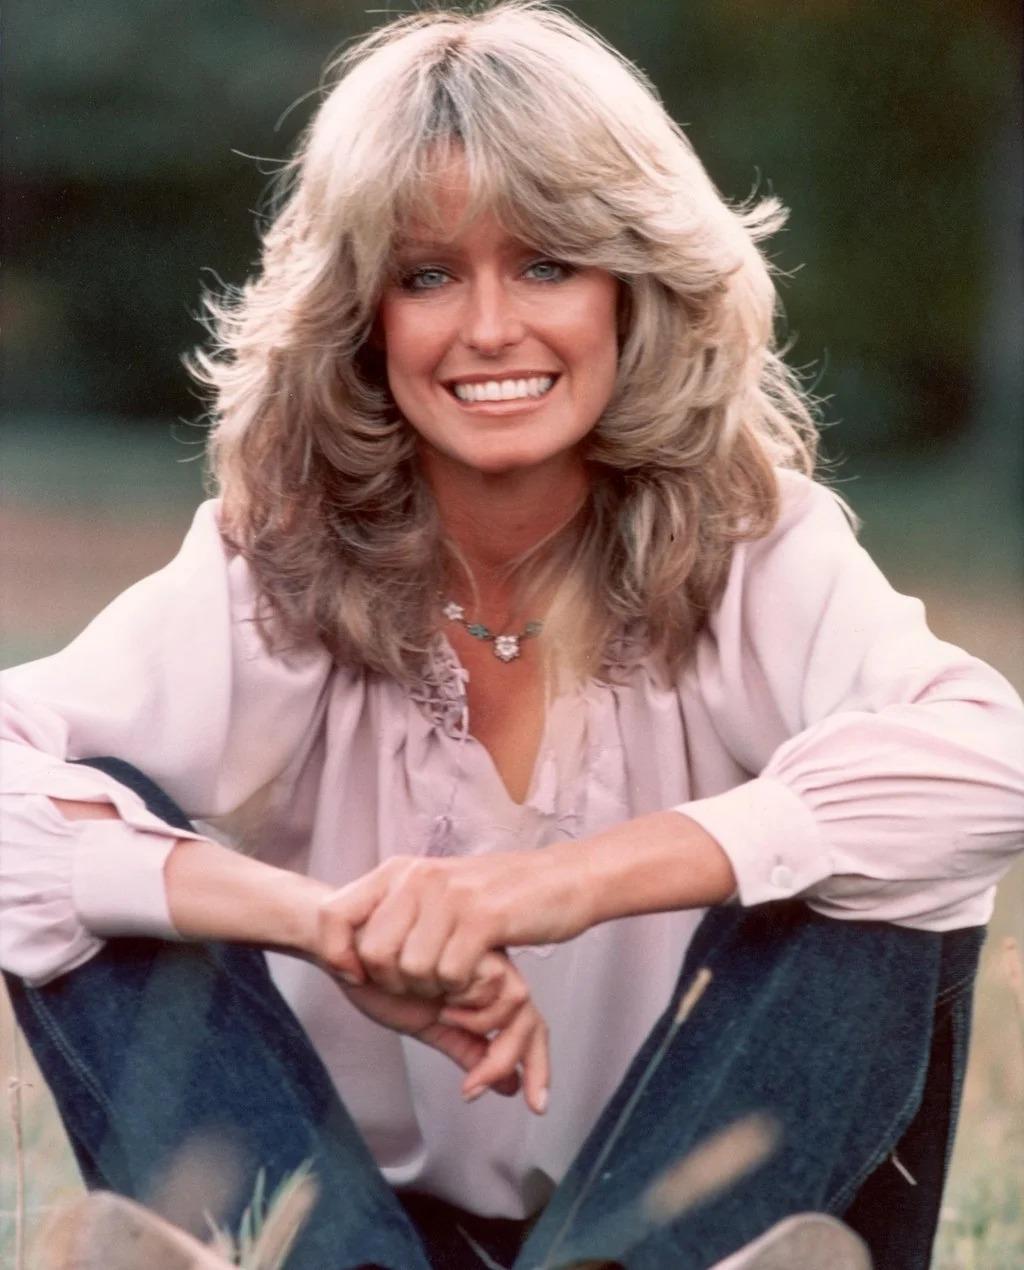 Mái tóc vàng góp phần giúp Farrah Fawcett trở thành một biểu tượng của thập niên 70